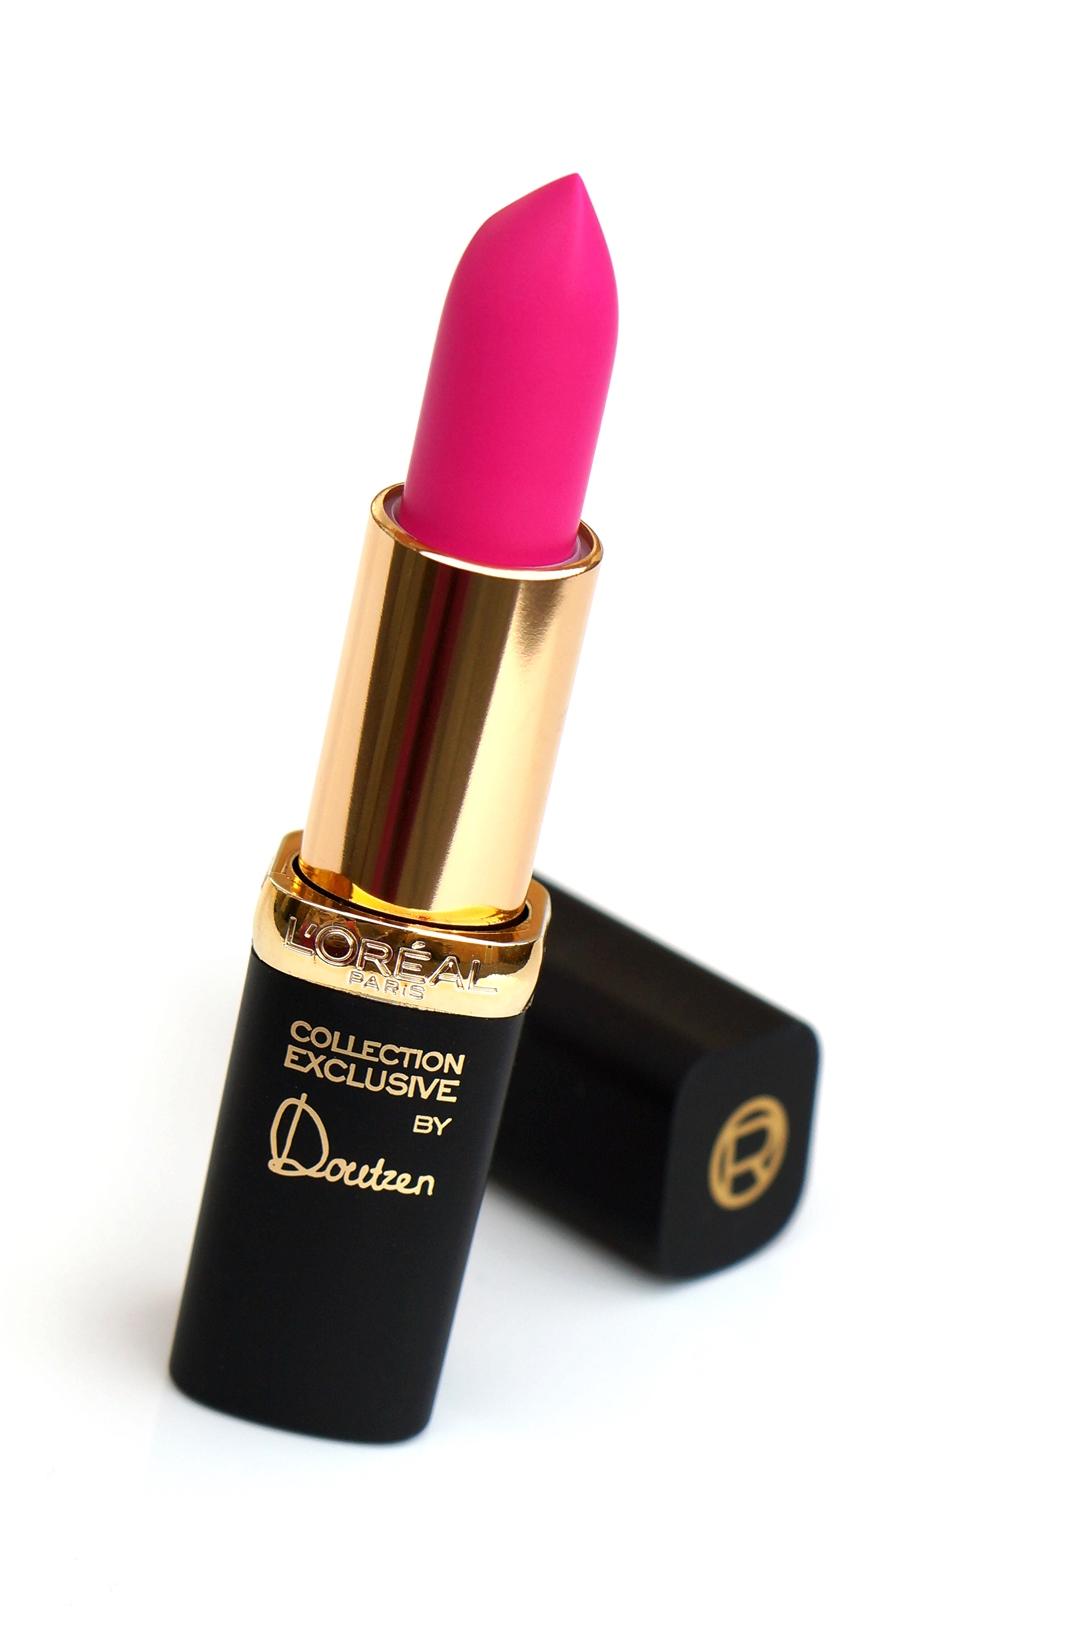 L'Oréal Paris Color Riche Collection Exclusive Les Roses